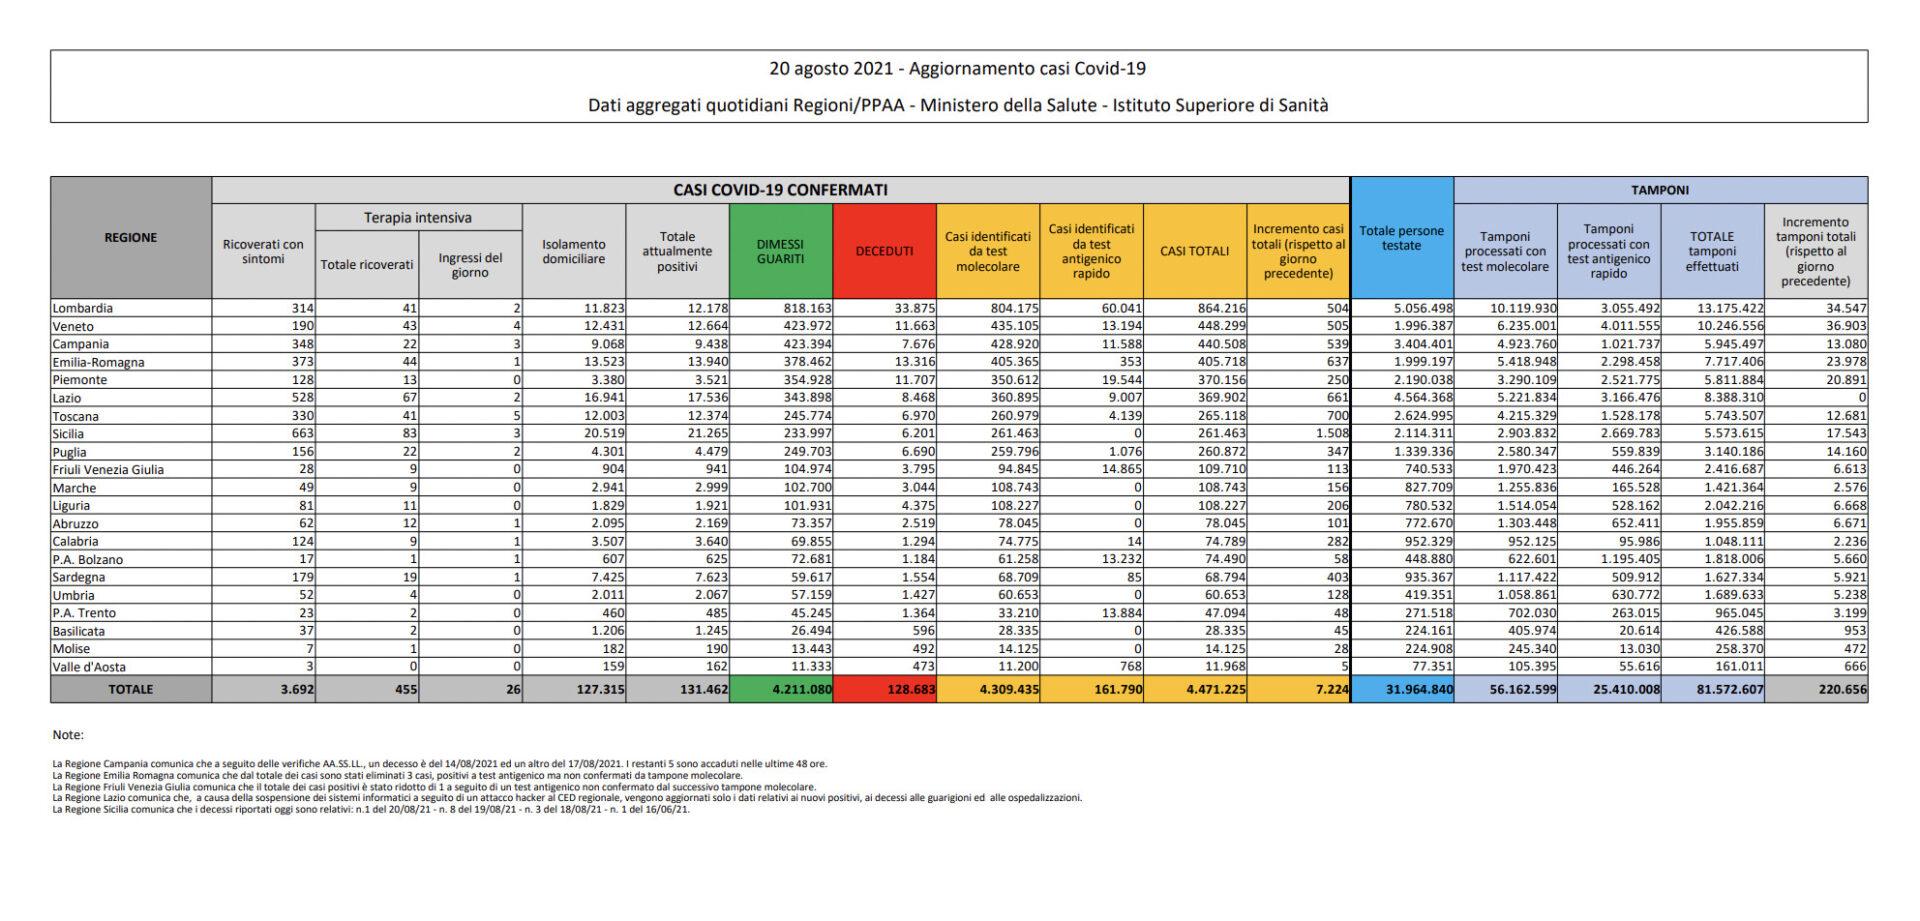 tabella covid italia 20 agosto 2021